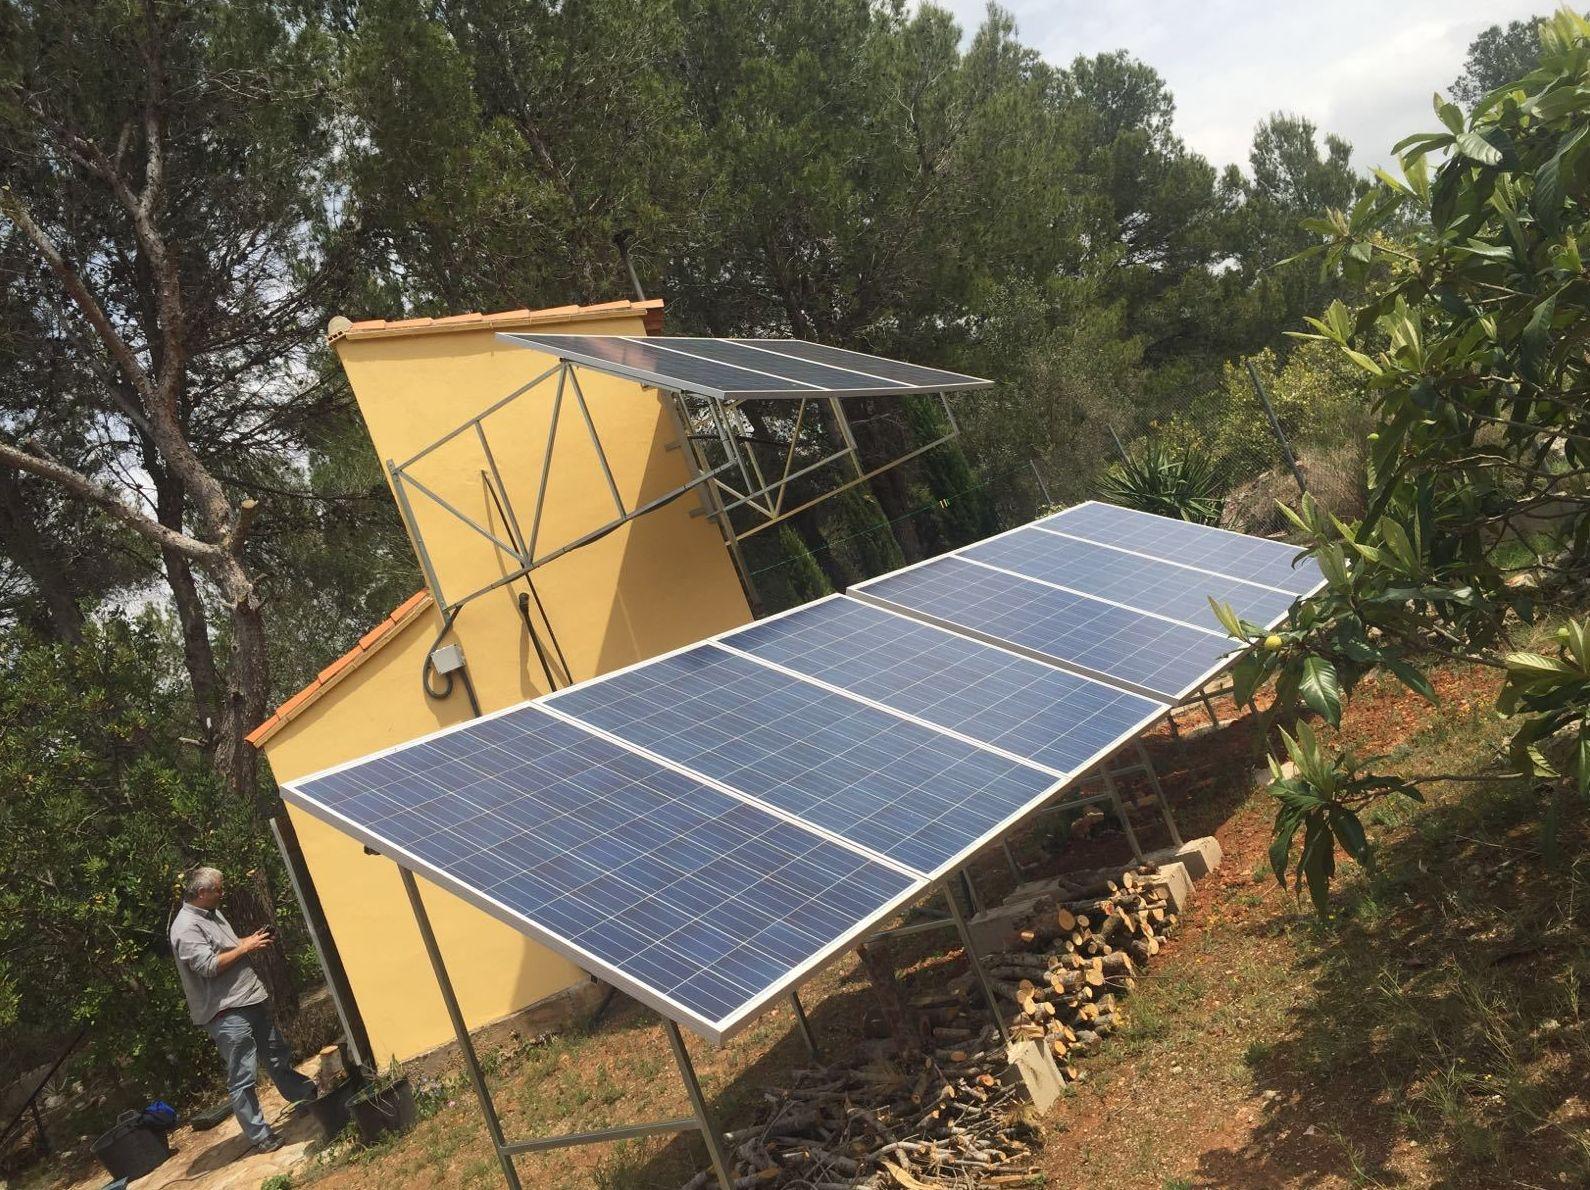 Instalación de energías renovables en Zaragoza